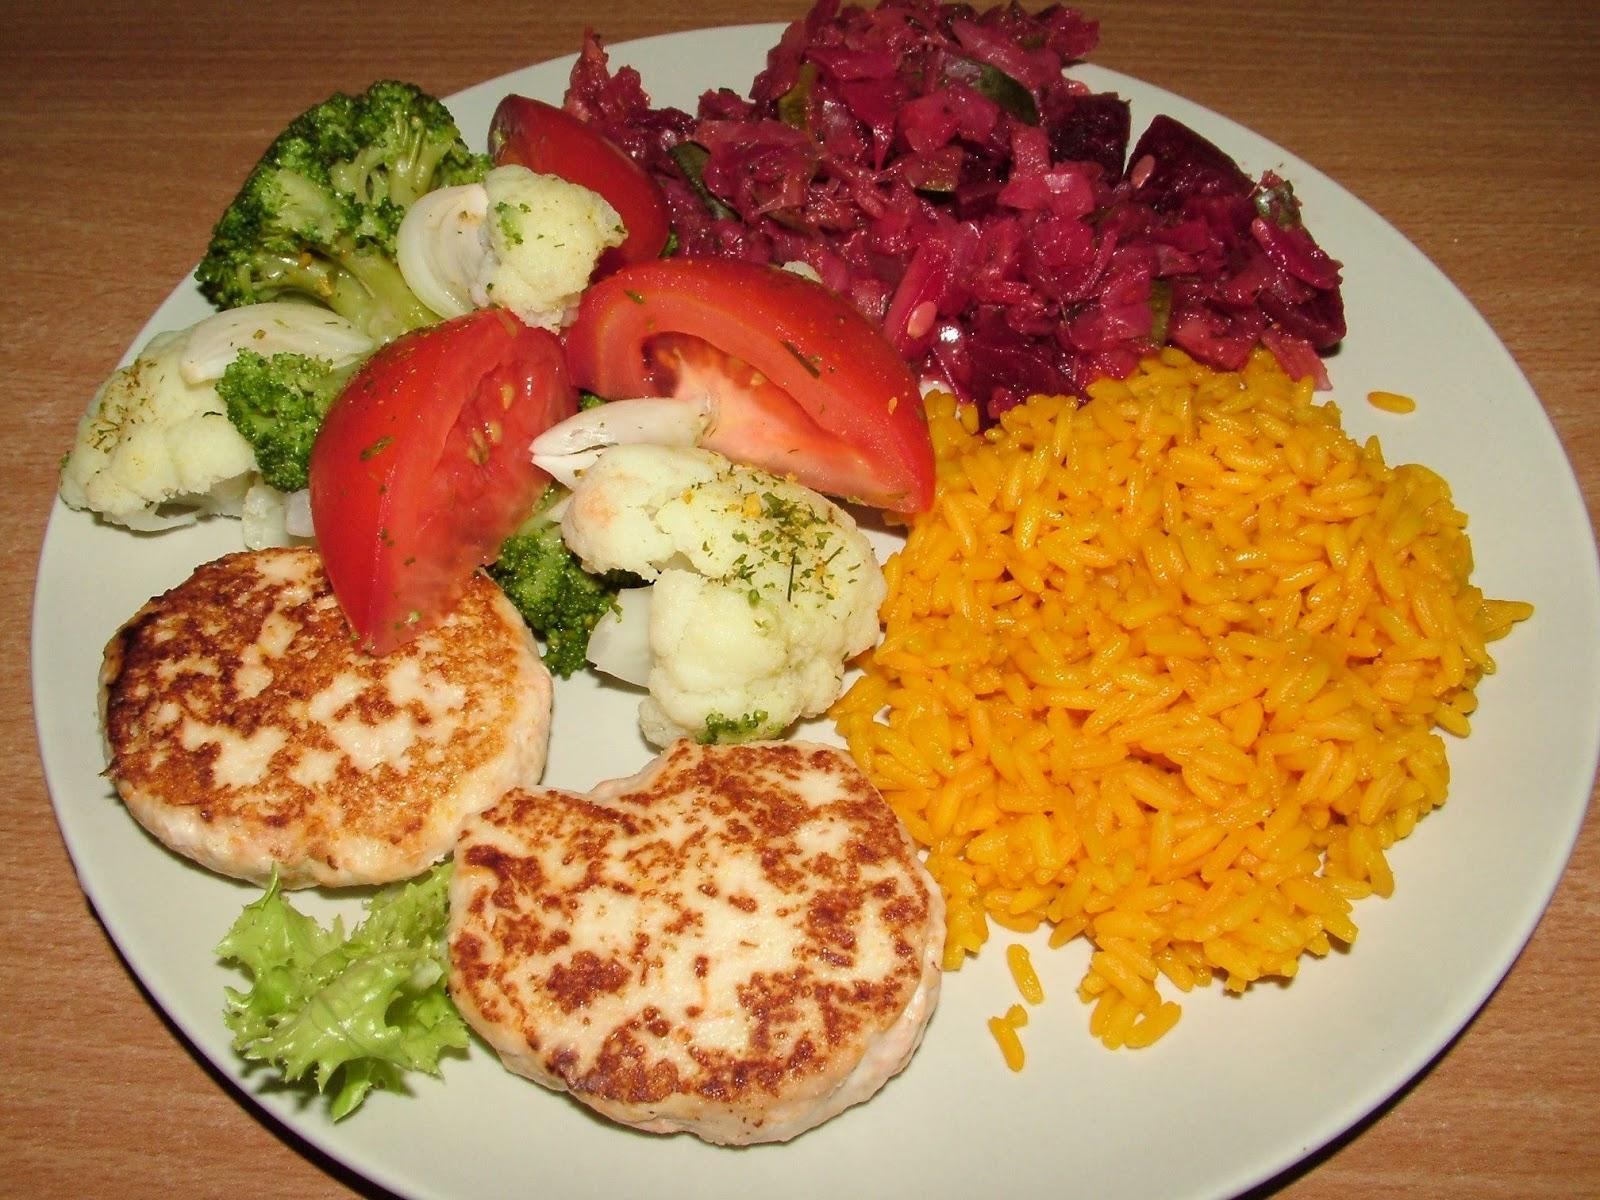 smak zdrowia obiad � wskaz243wki na dietetyczny i zdrowy